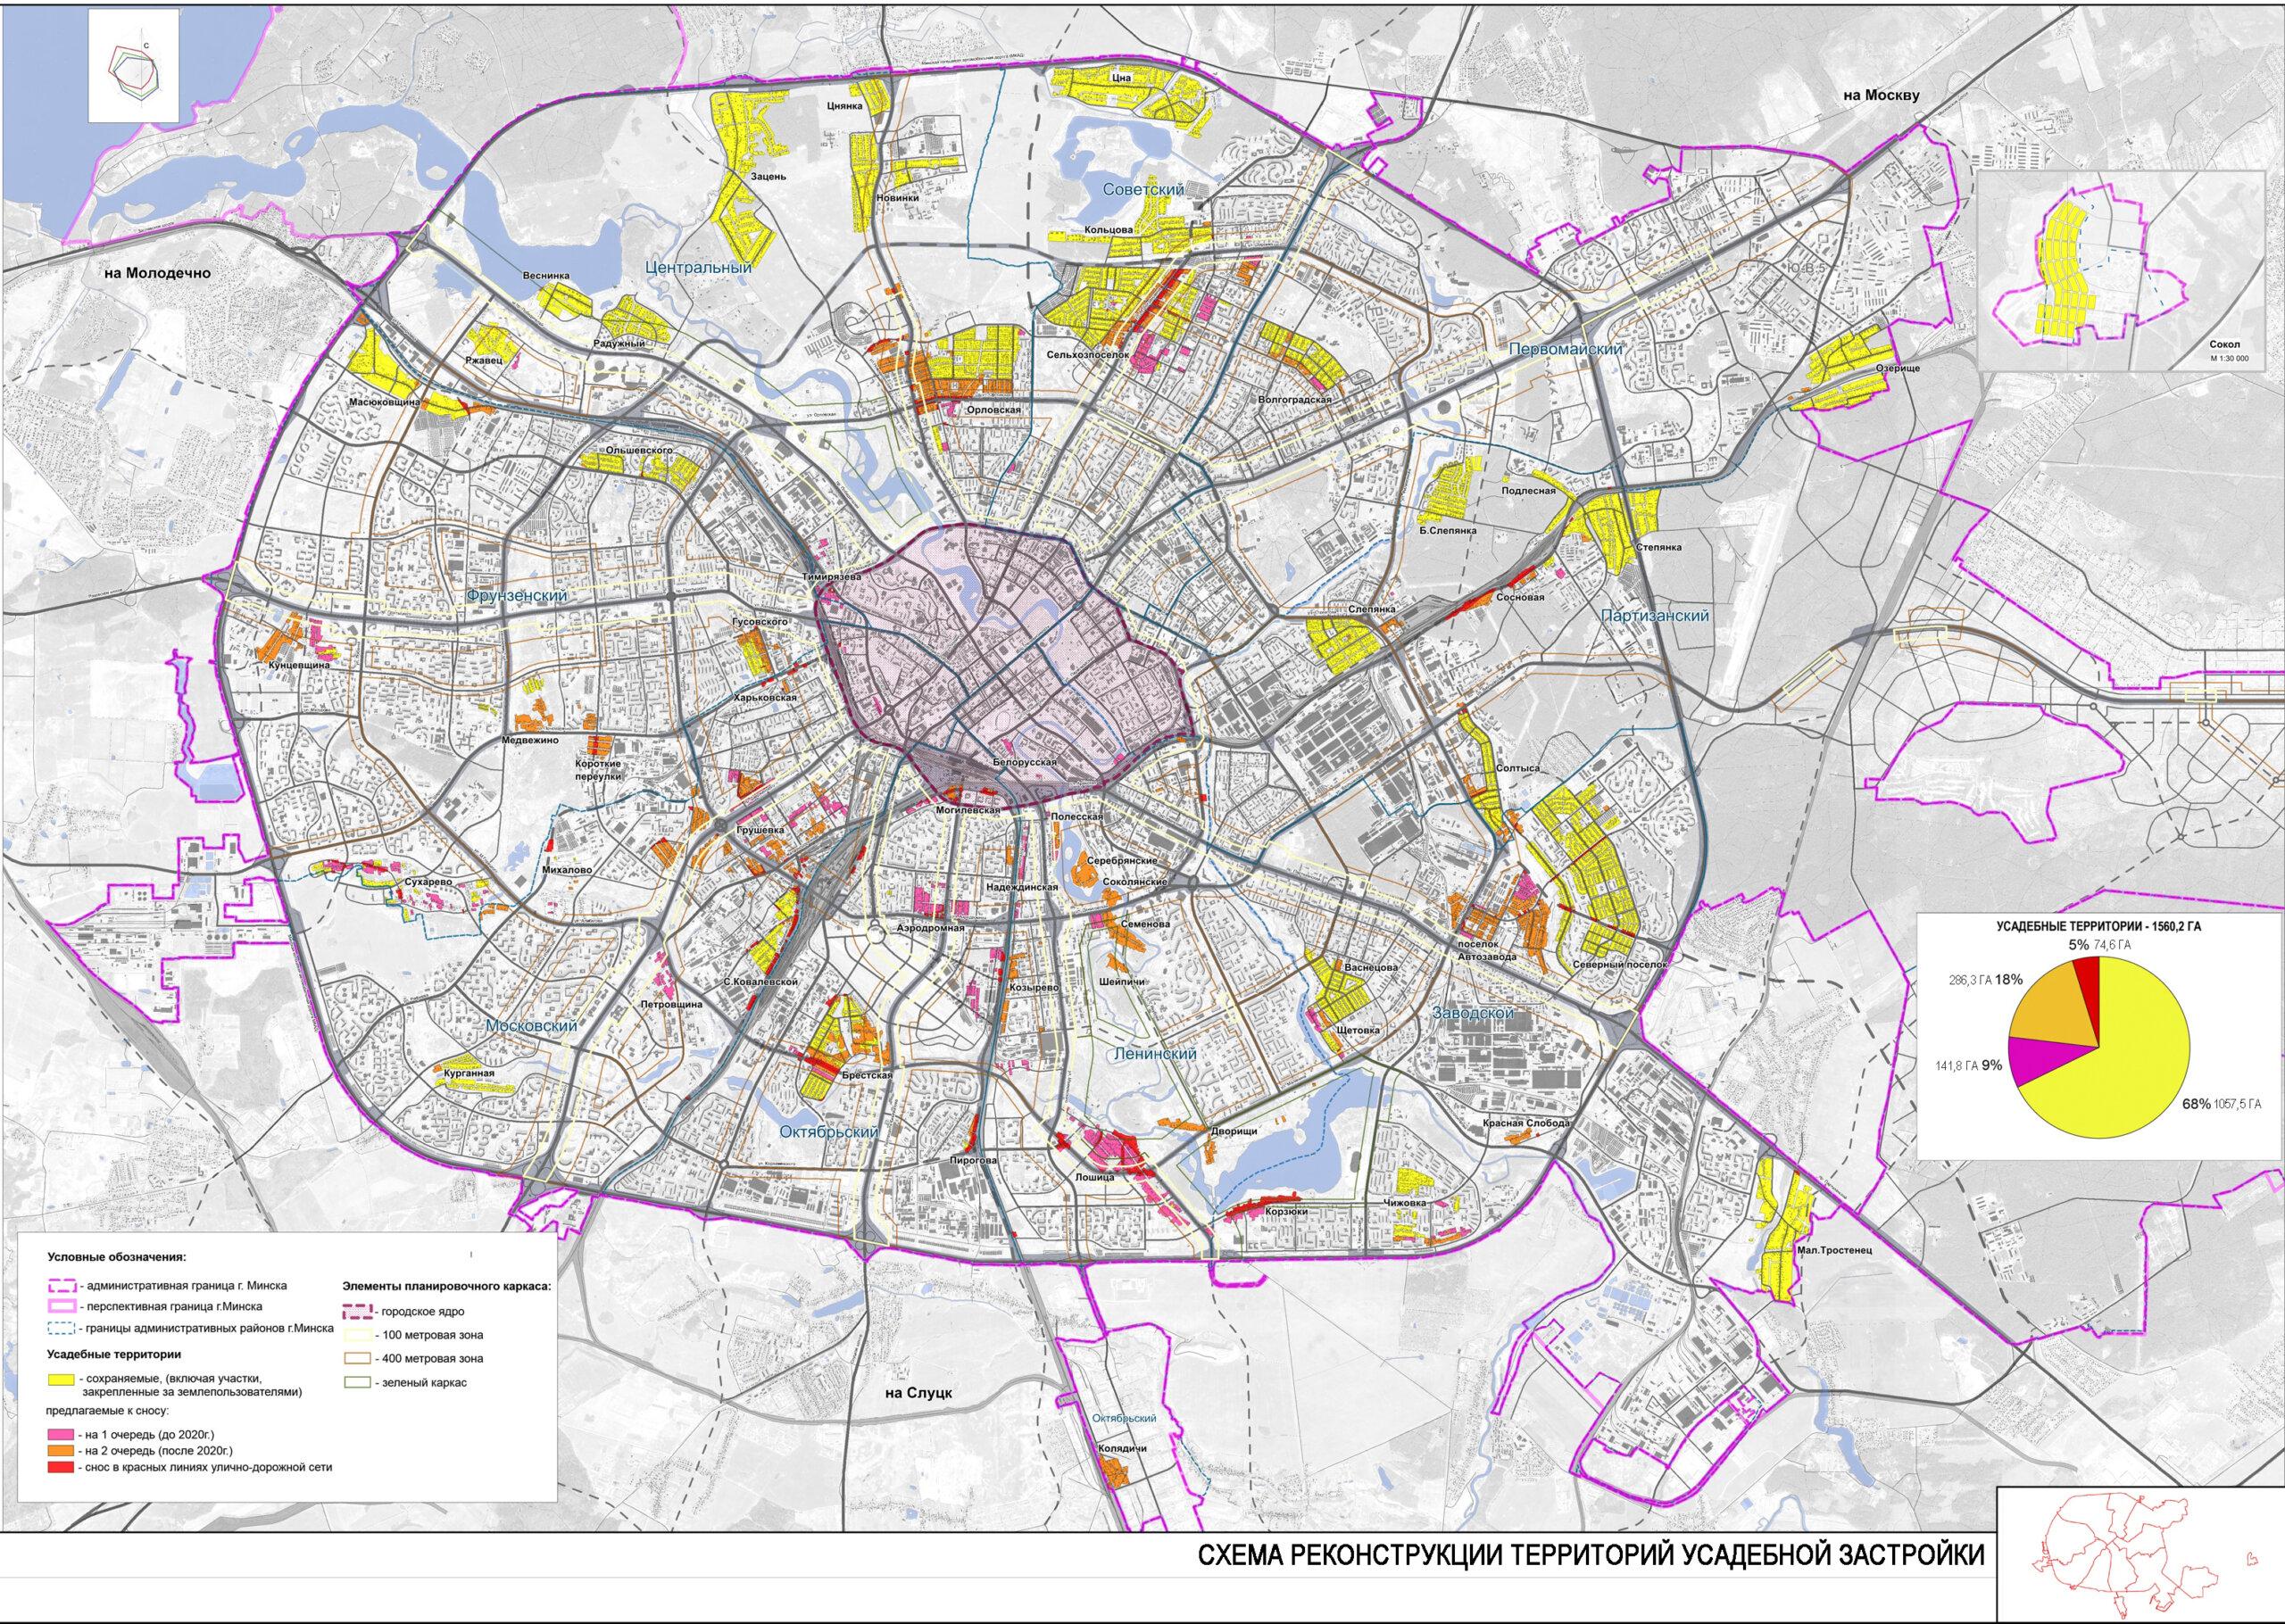 Схема реконструкции территории усадебной застройки г. Минск